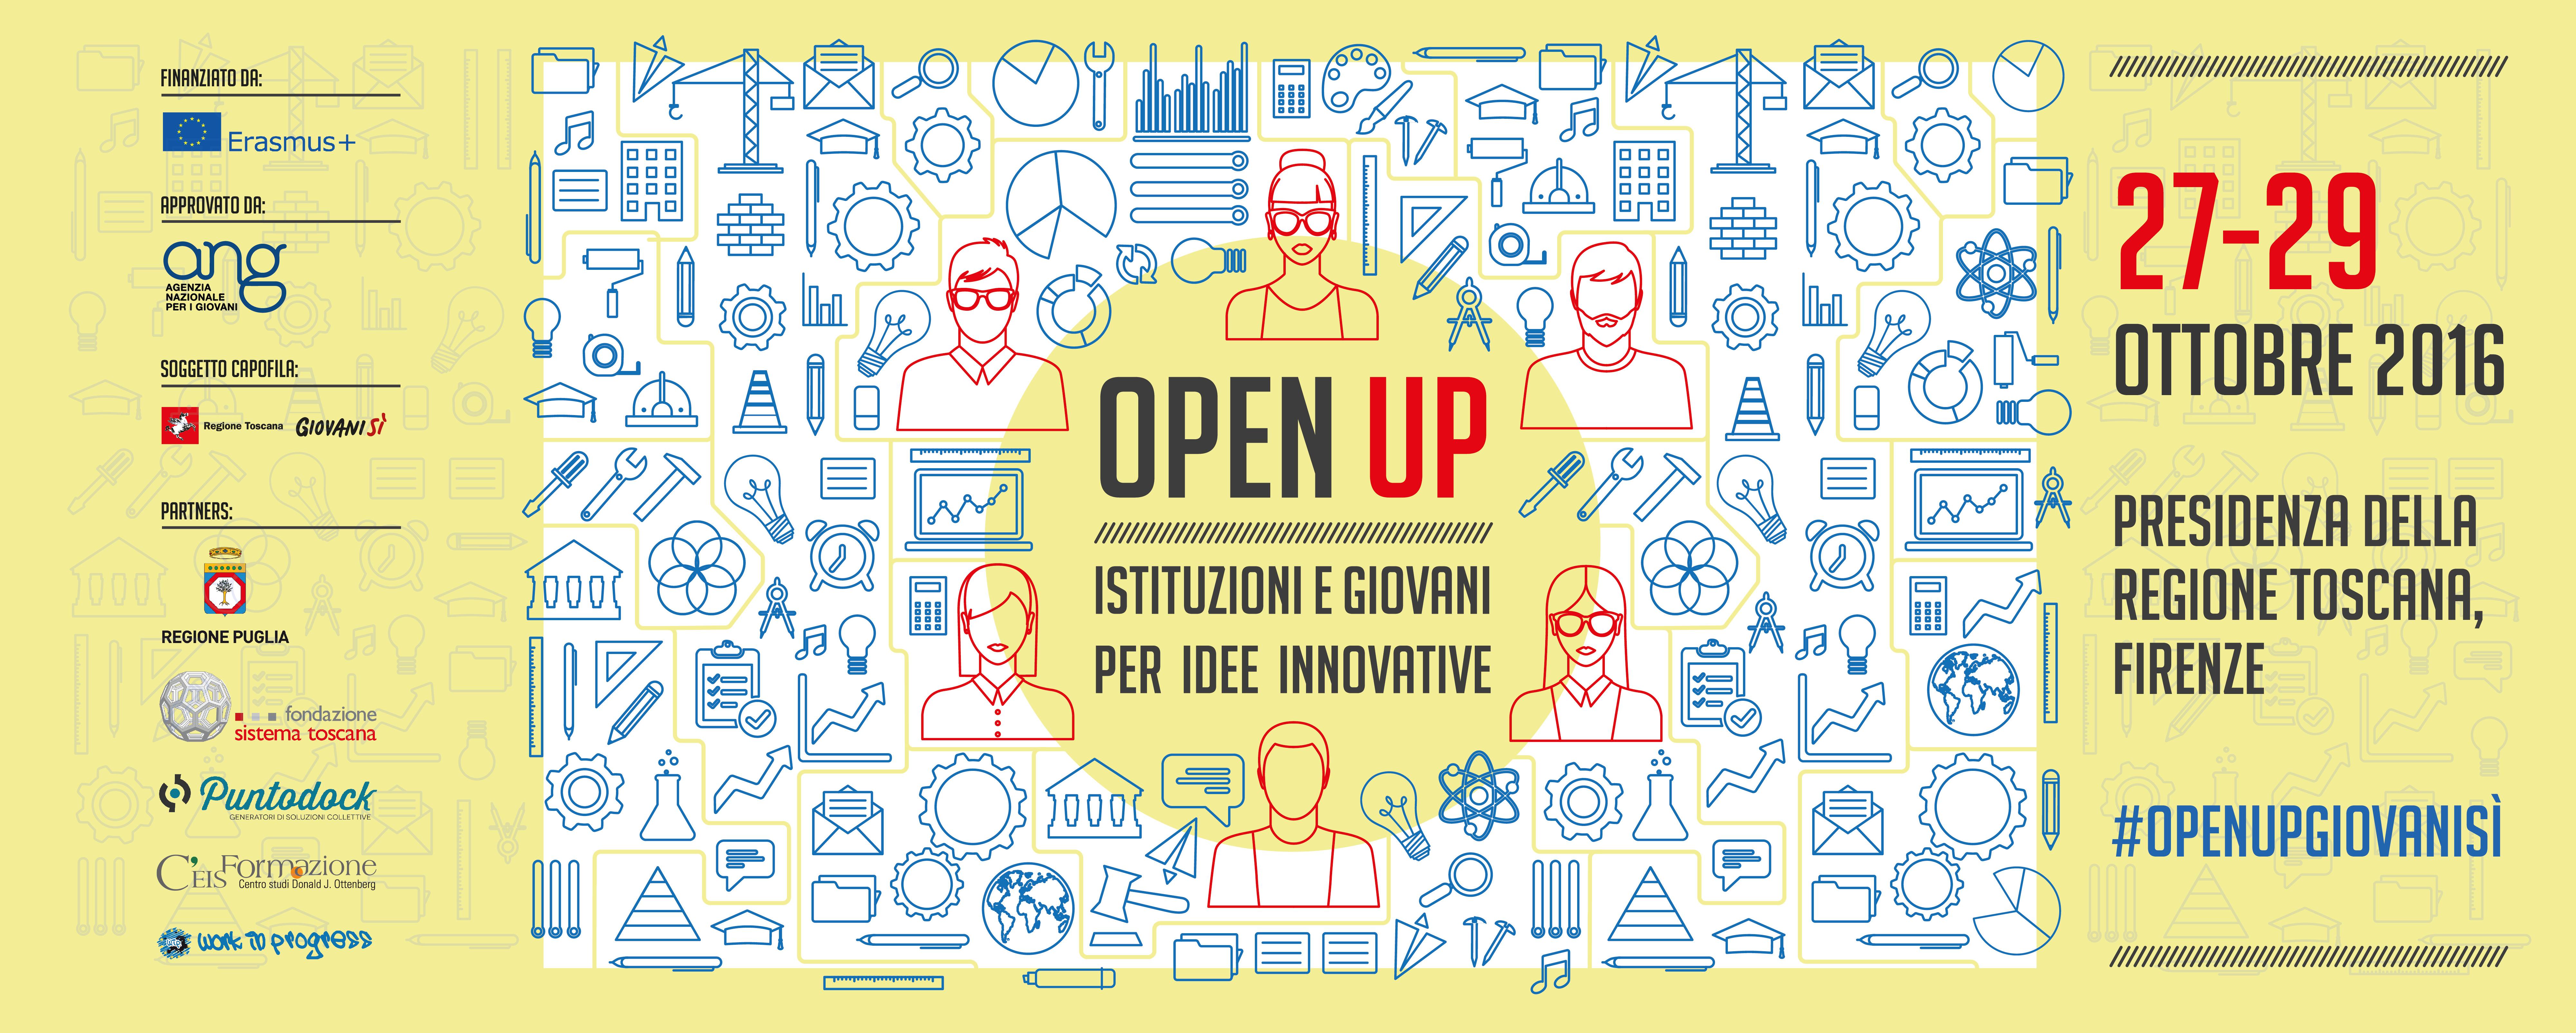 'OPEN UP. Istituzioni e giovani per idee innovative' <div class='giovanisi-subtitle'>Concluse le attività del progetto di Giovanisì finanziato da Erasmus+: leggi il report e ripercorri tutte le tappe </div>